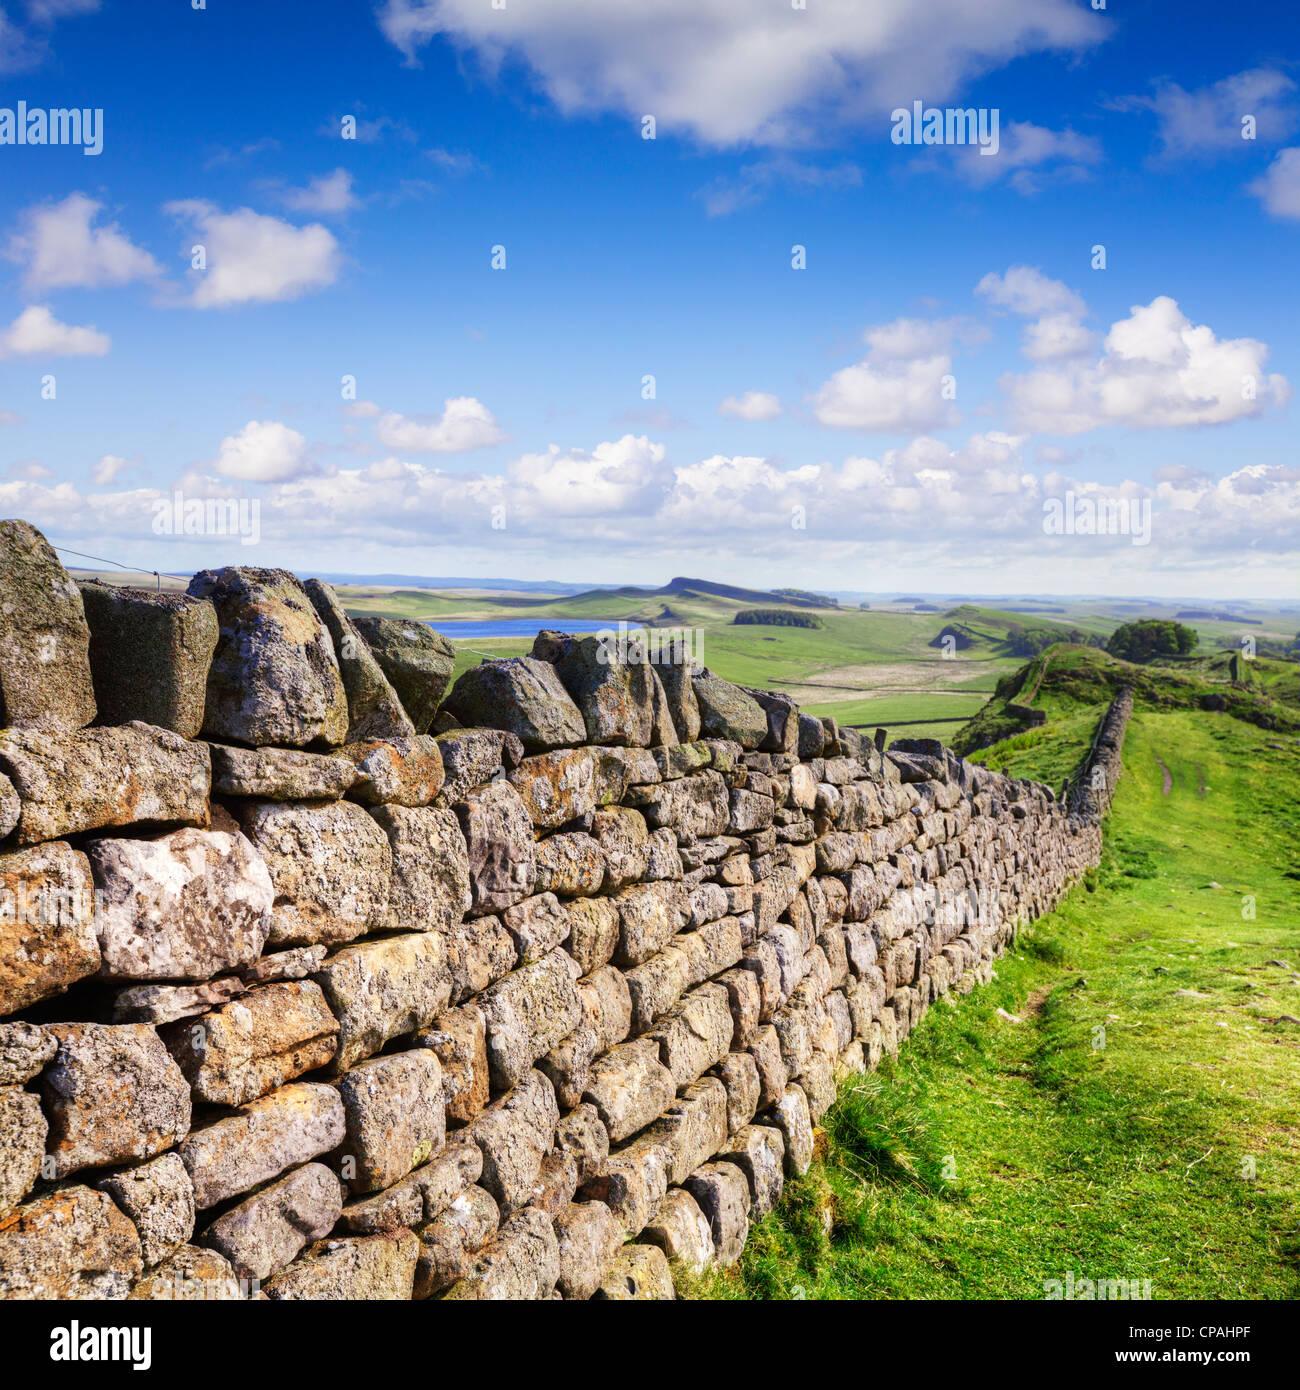 Muro de piedra seca que ejecuta el mismo curso como el Muro de Adriano en Northumberland. Imagen De Stock